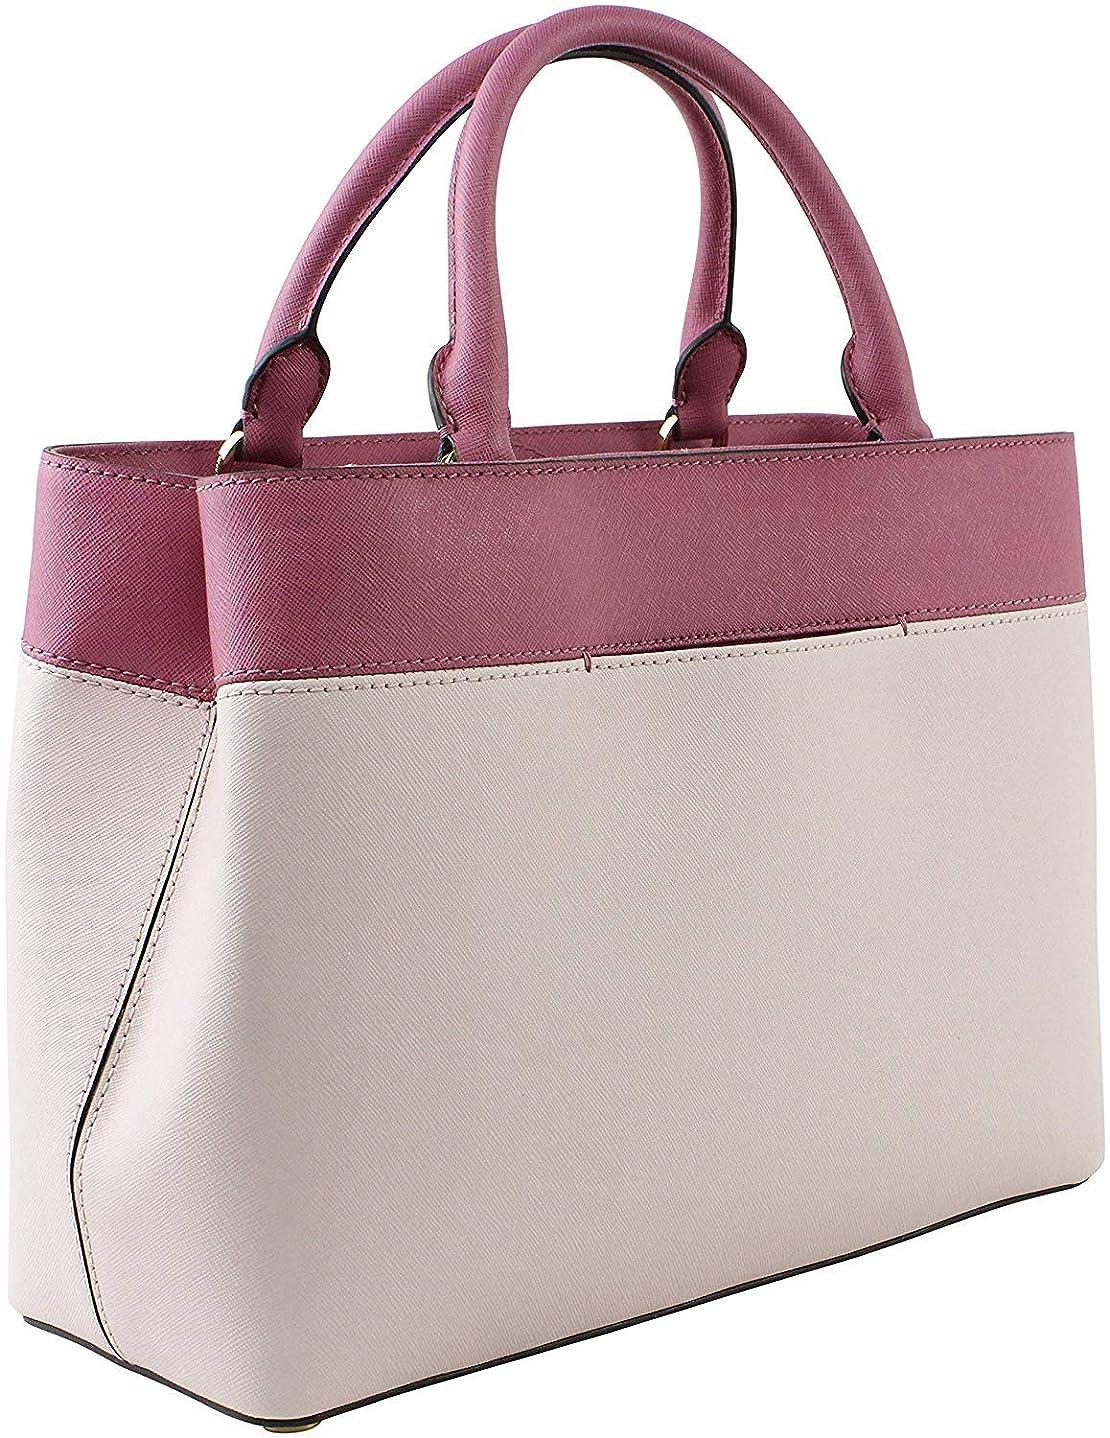 北確保する卒業[(マイケルコース) Michael Kors] [ Women`s Hailee Medium Leather Satchel Crossbody Bag Purse Tote Handbag] (並行輸入品)